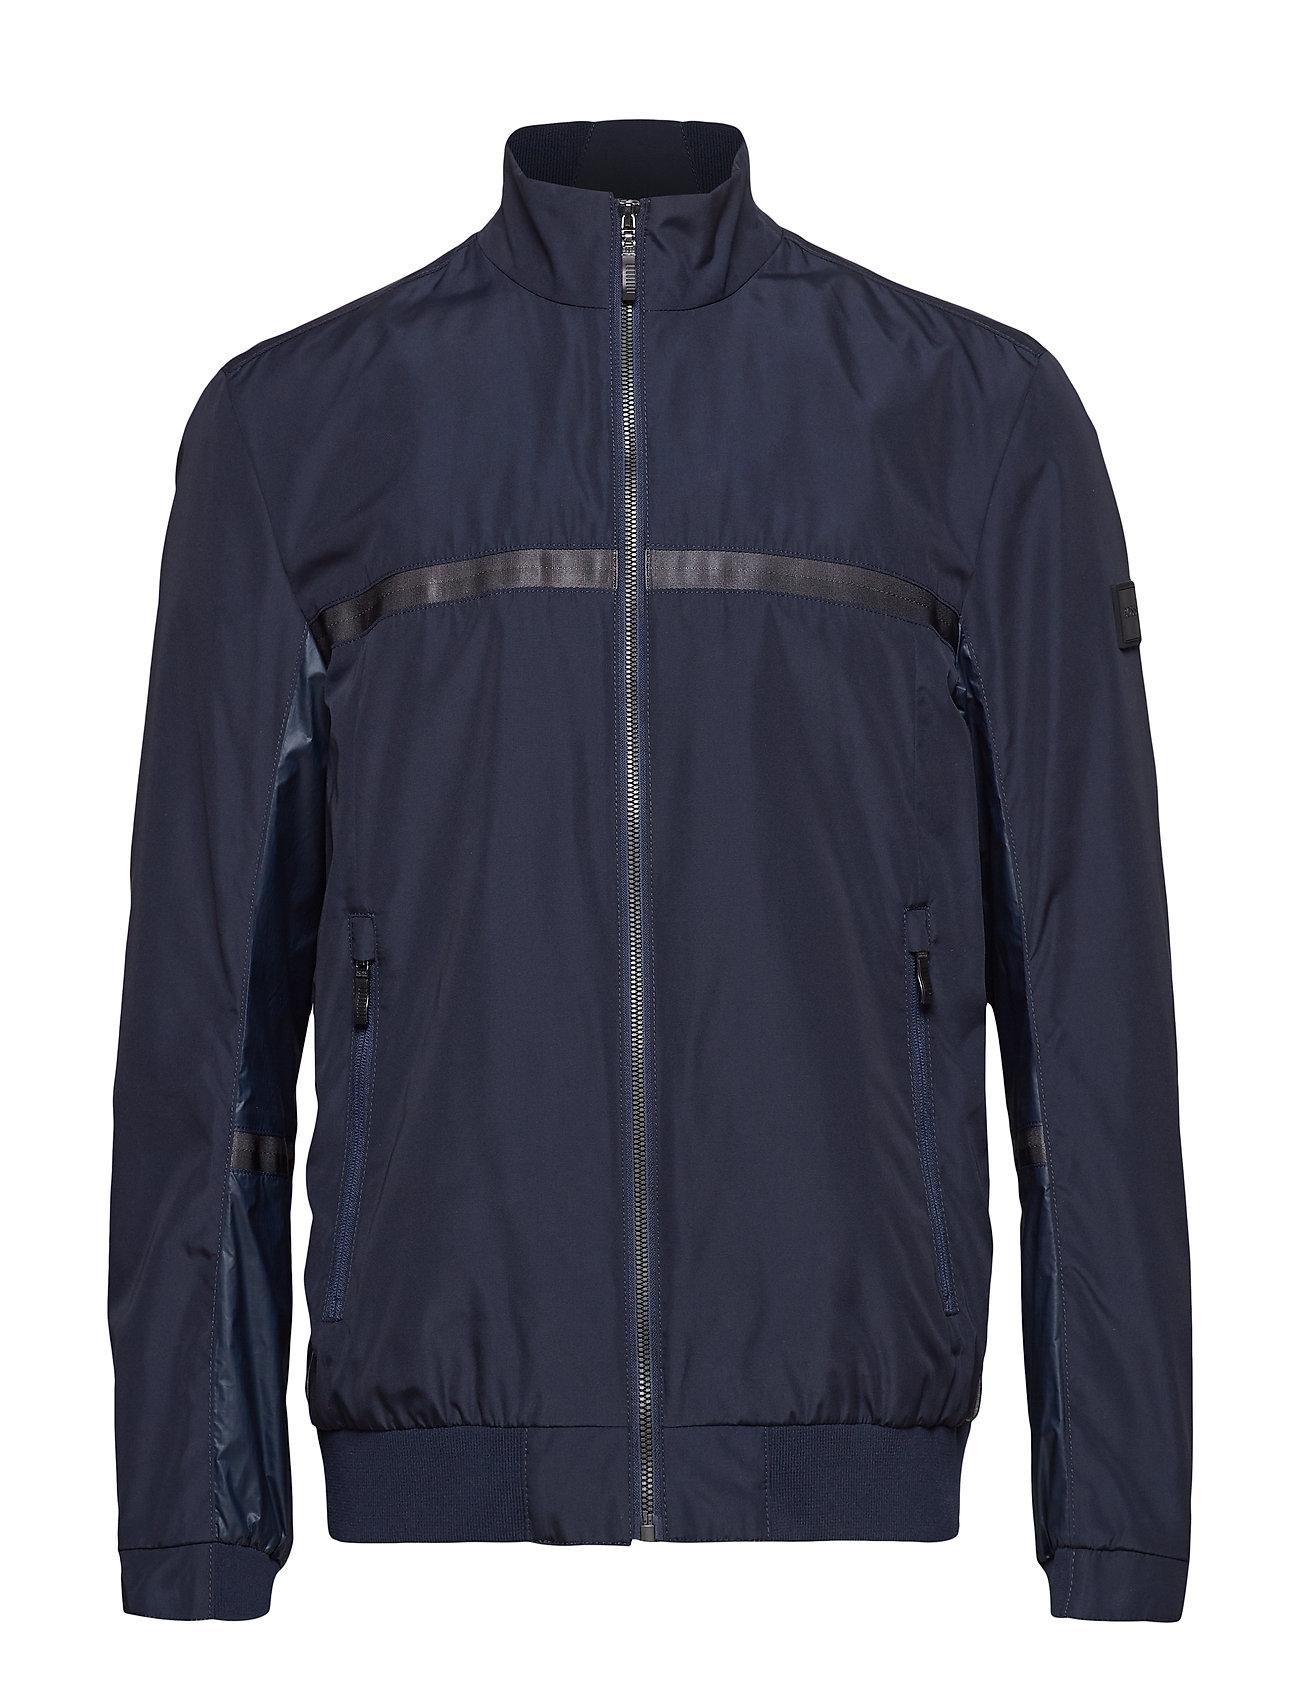 HUGO BOSS J_keating Outerwear Sport Jackets Blau BOSS ATHLEISURE WEAR